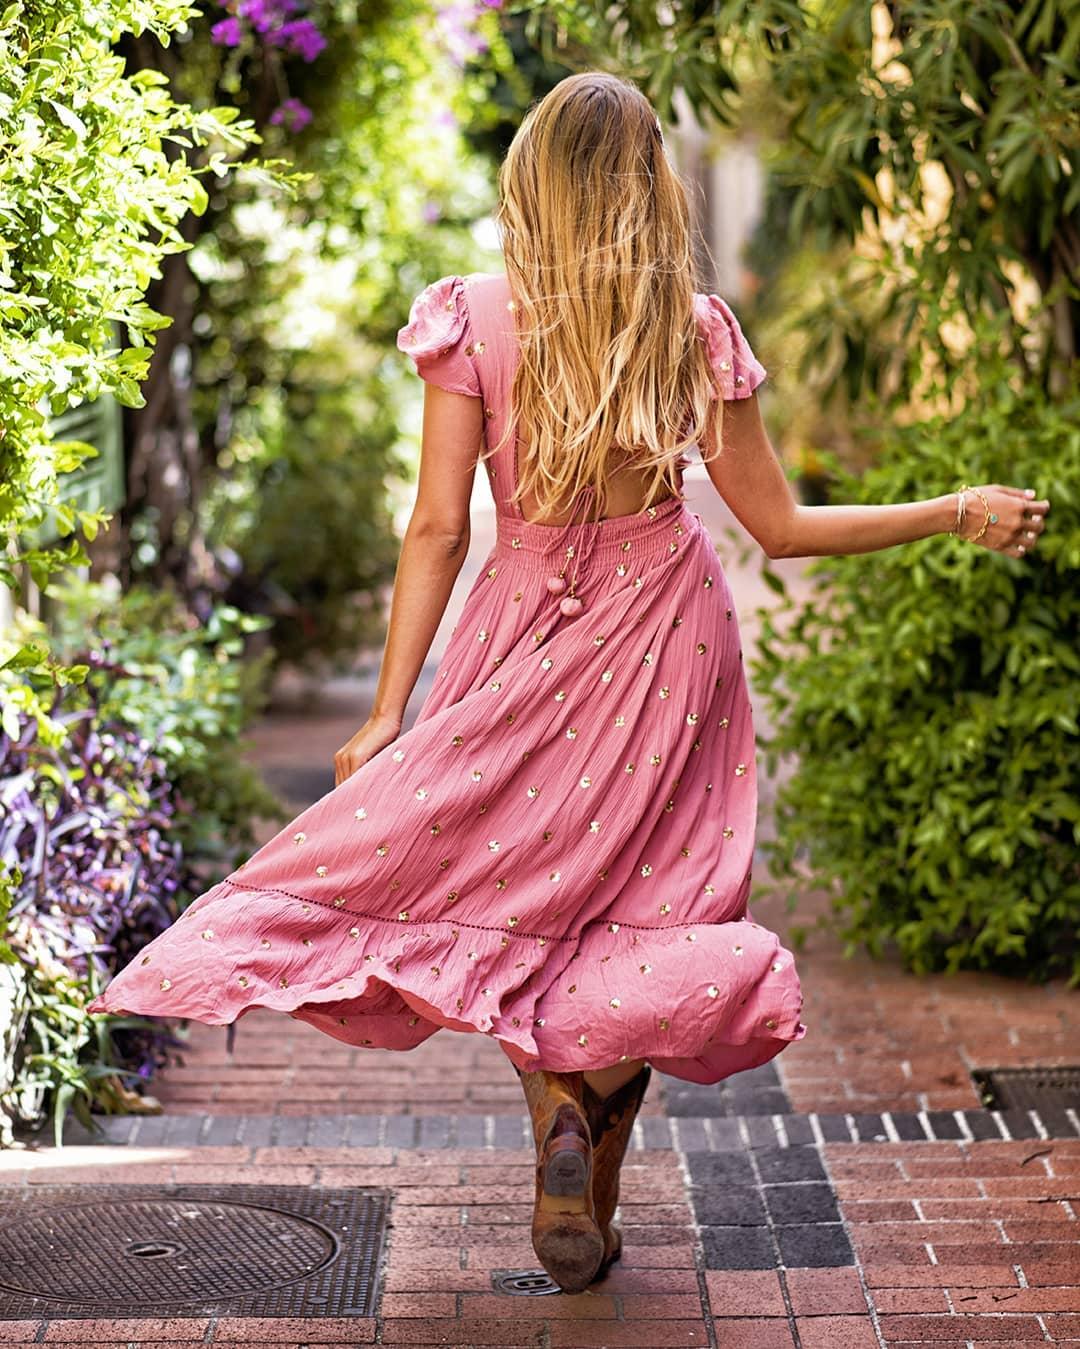 robe vieux rose a sequins de Les Bourgeoises sur oxymorecreation